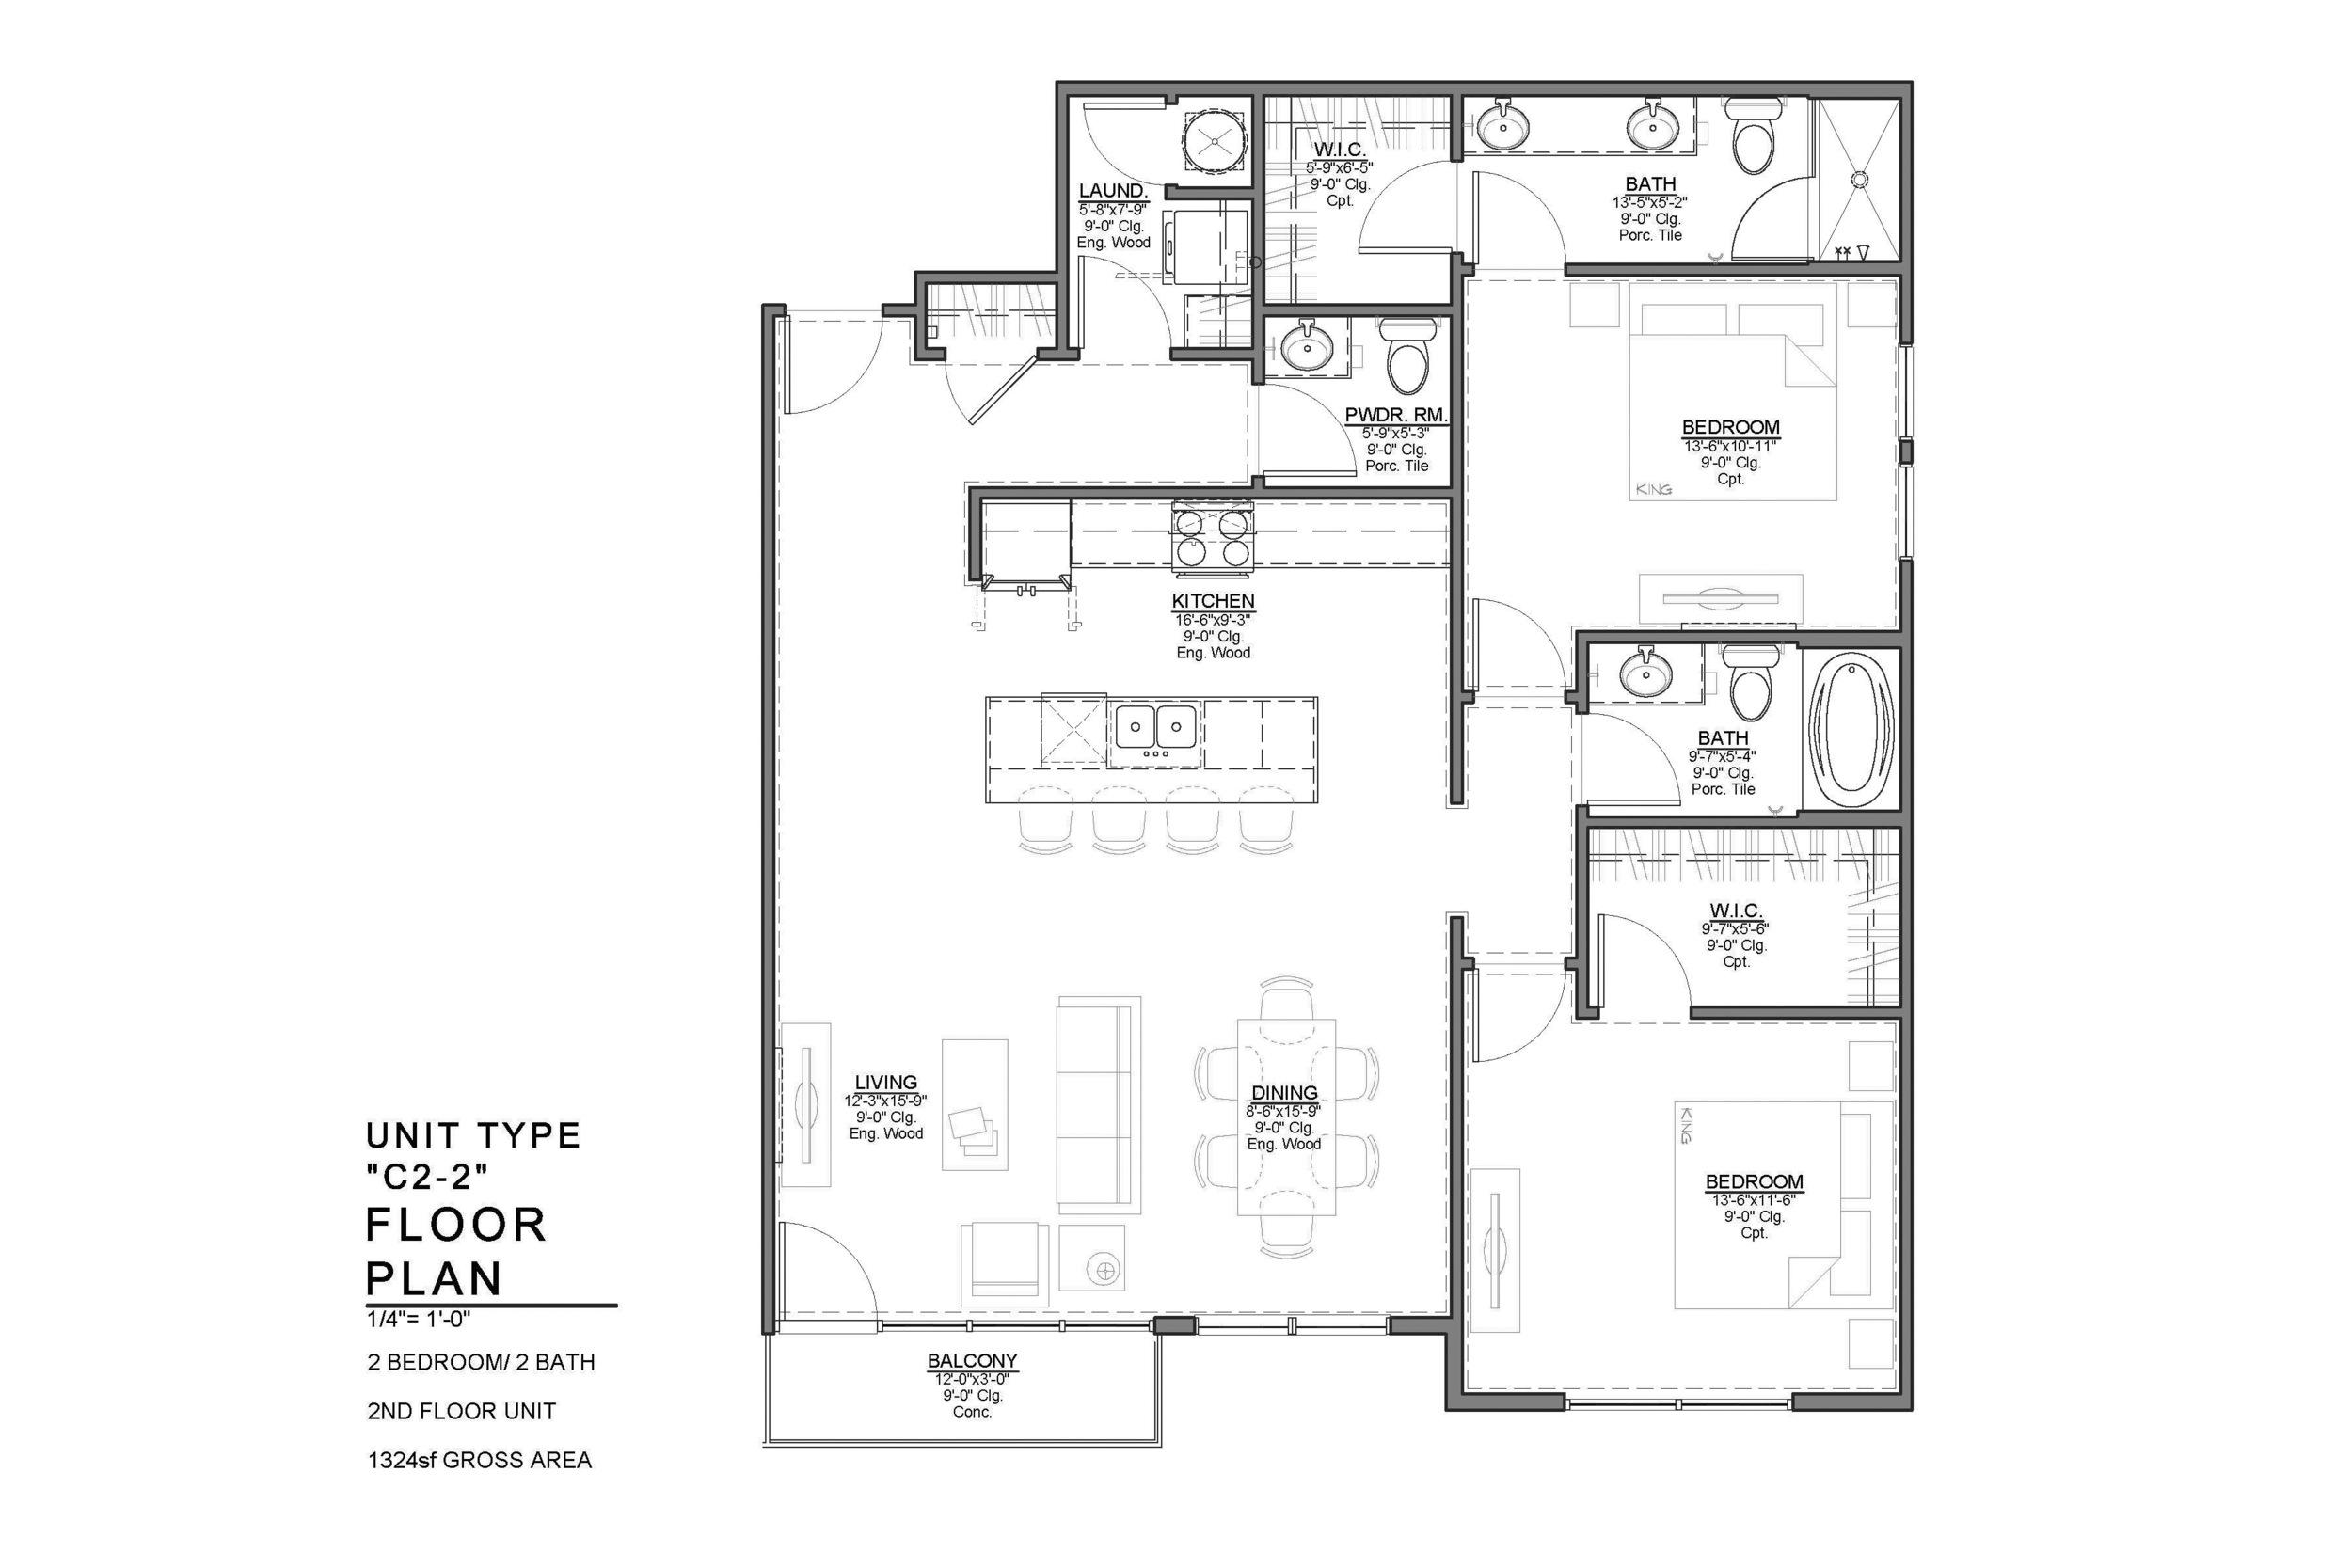 C2-2 FLOOR PLAN: 2 BEDROOM / 2 BATH